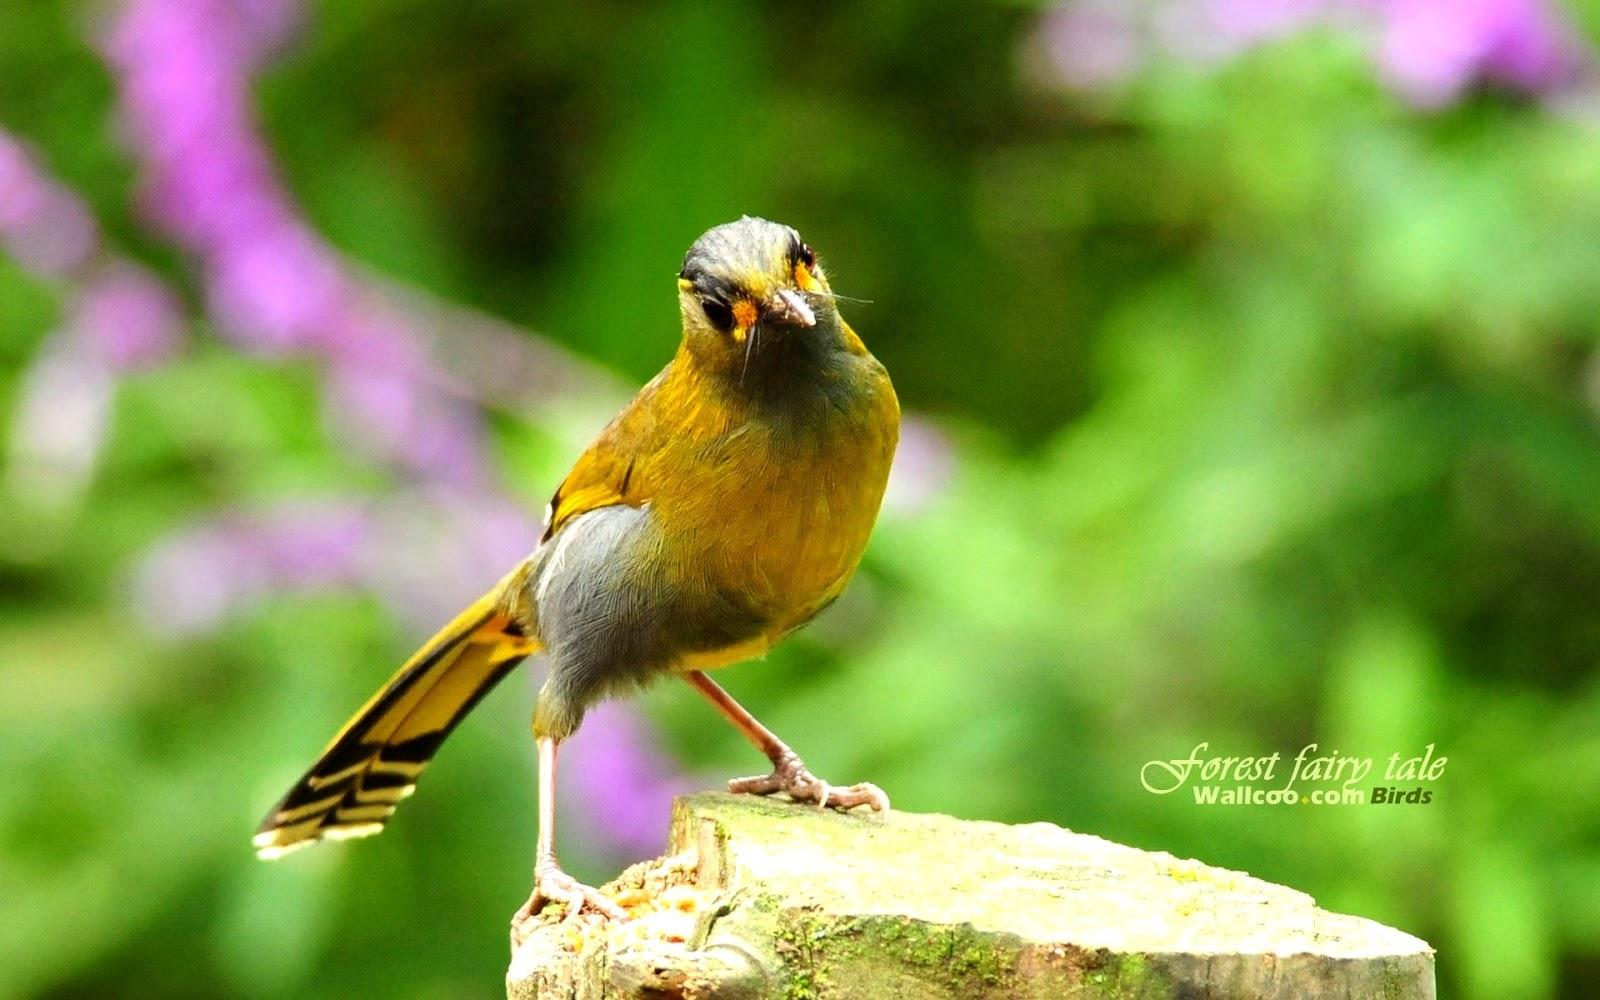 birdswallpapers hddesktopwallpapers birdsimages birdsphotos bird 1600x1000